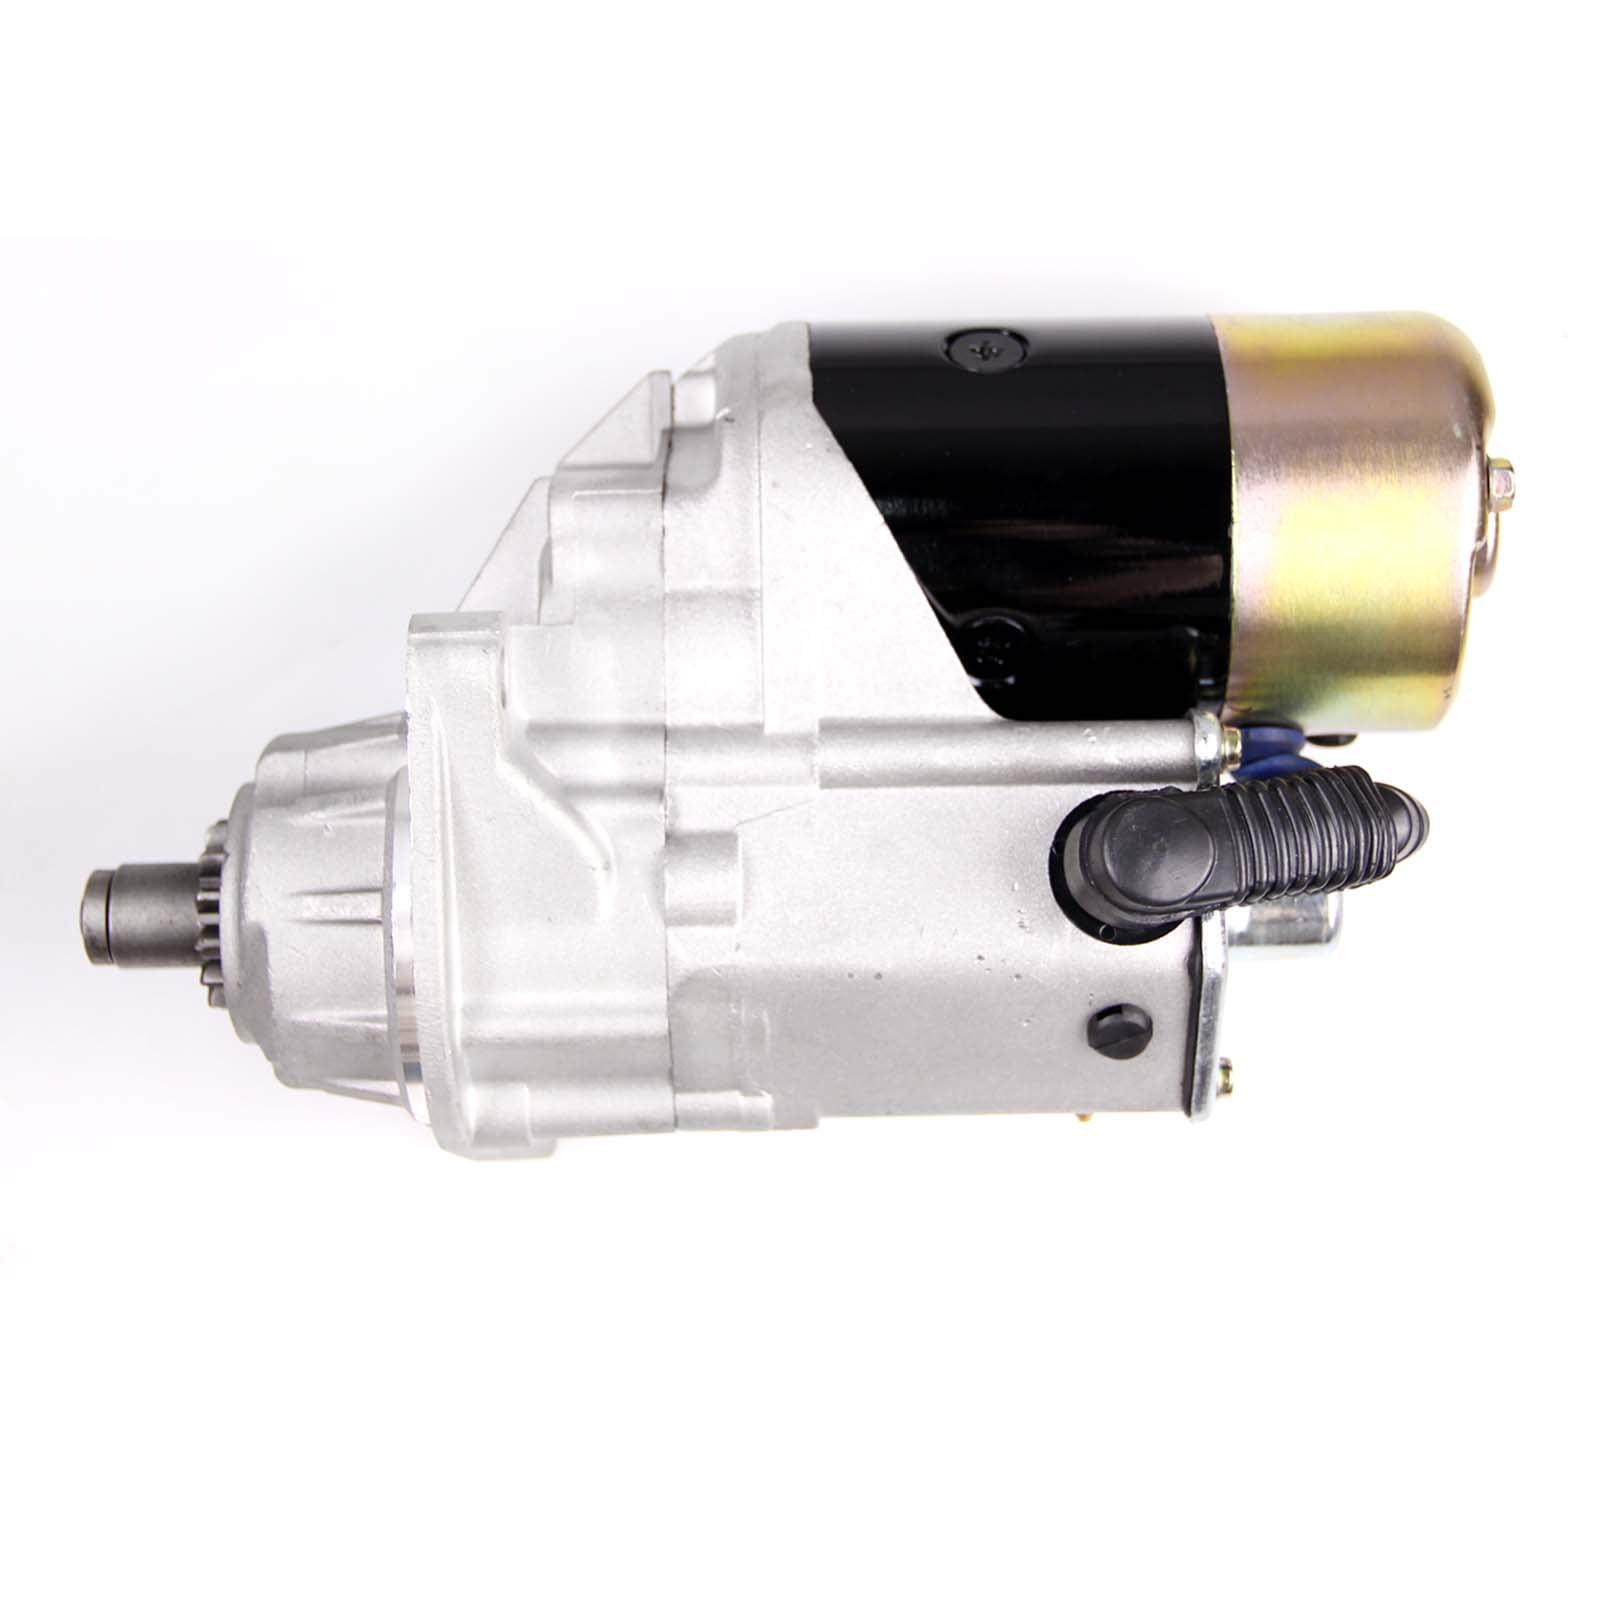 AURELIO TECH Starter PICKUP TRUCK 5.9L Cummins Diesel 94 95 96 97 98 99 00 01 for DODGE RAM